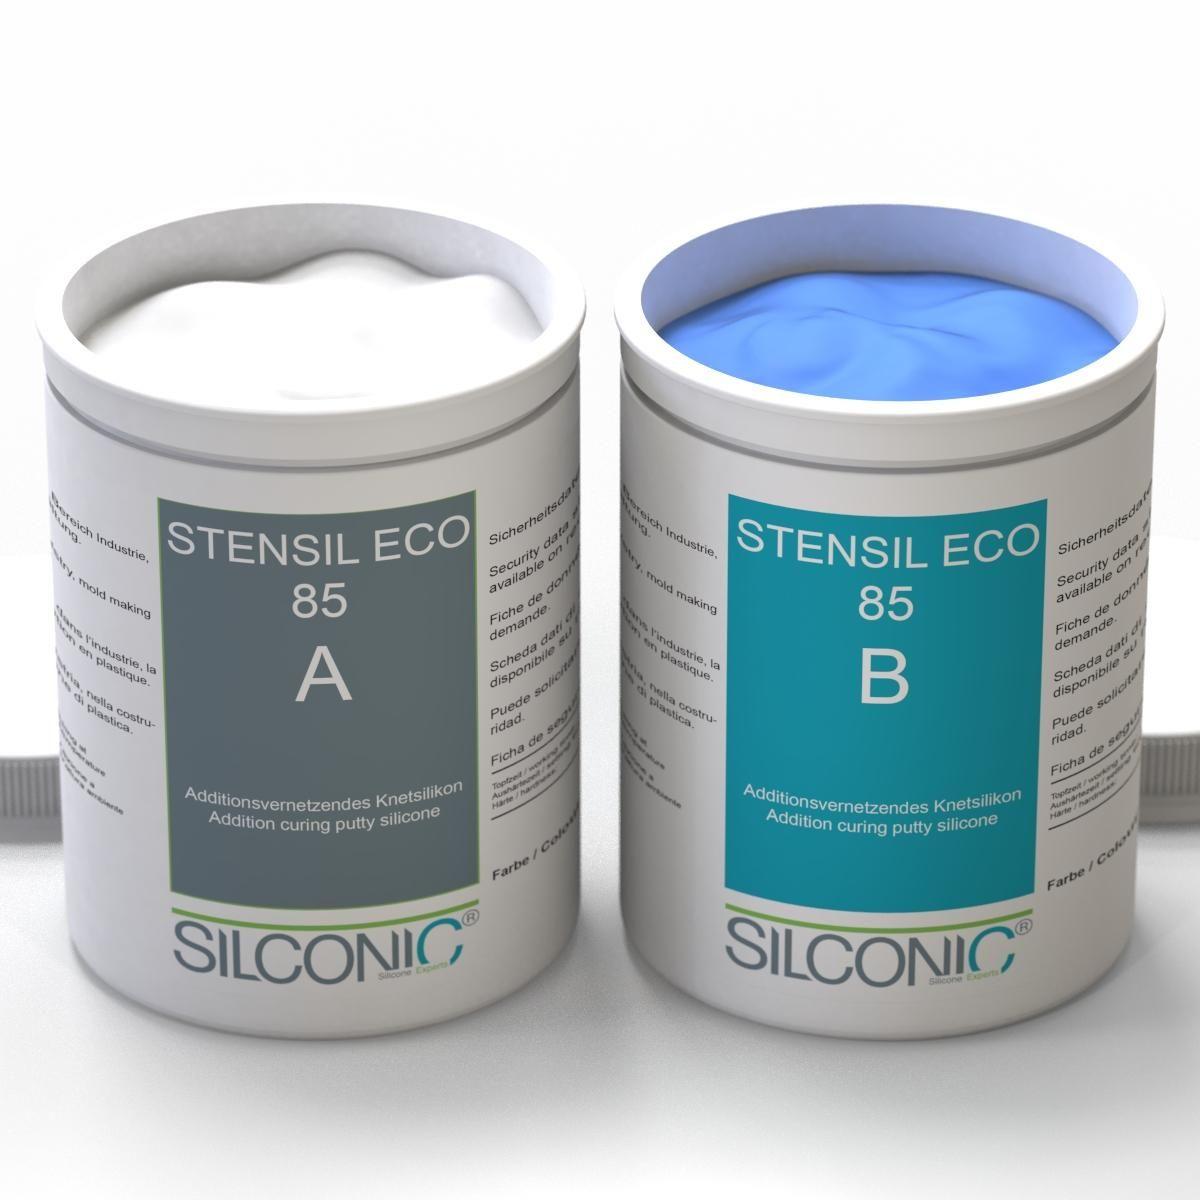 STENSIL ECO 85 Blau SET